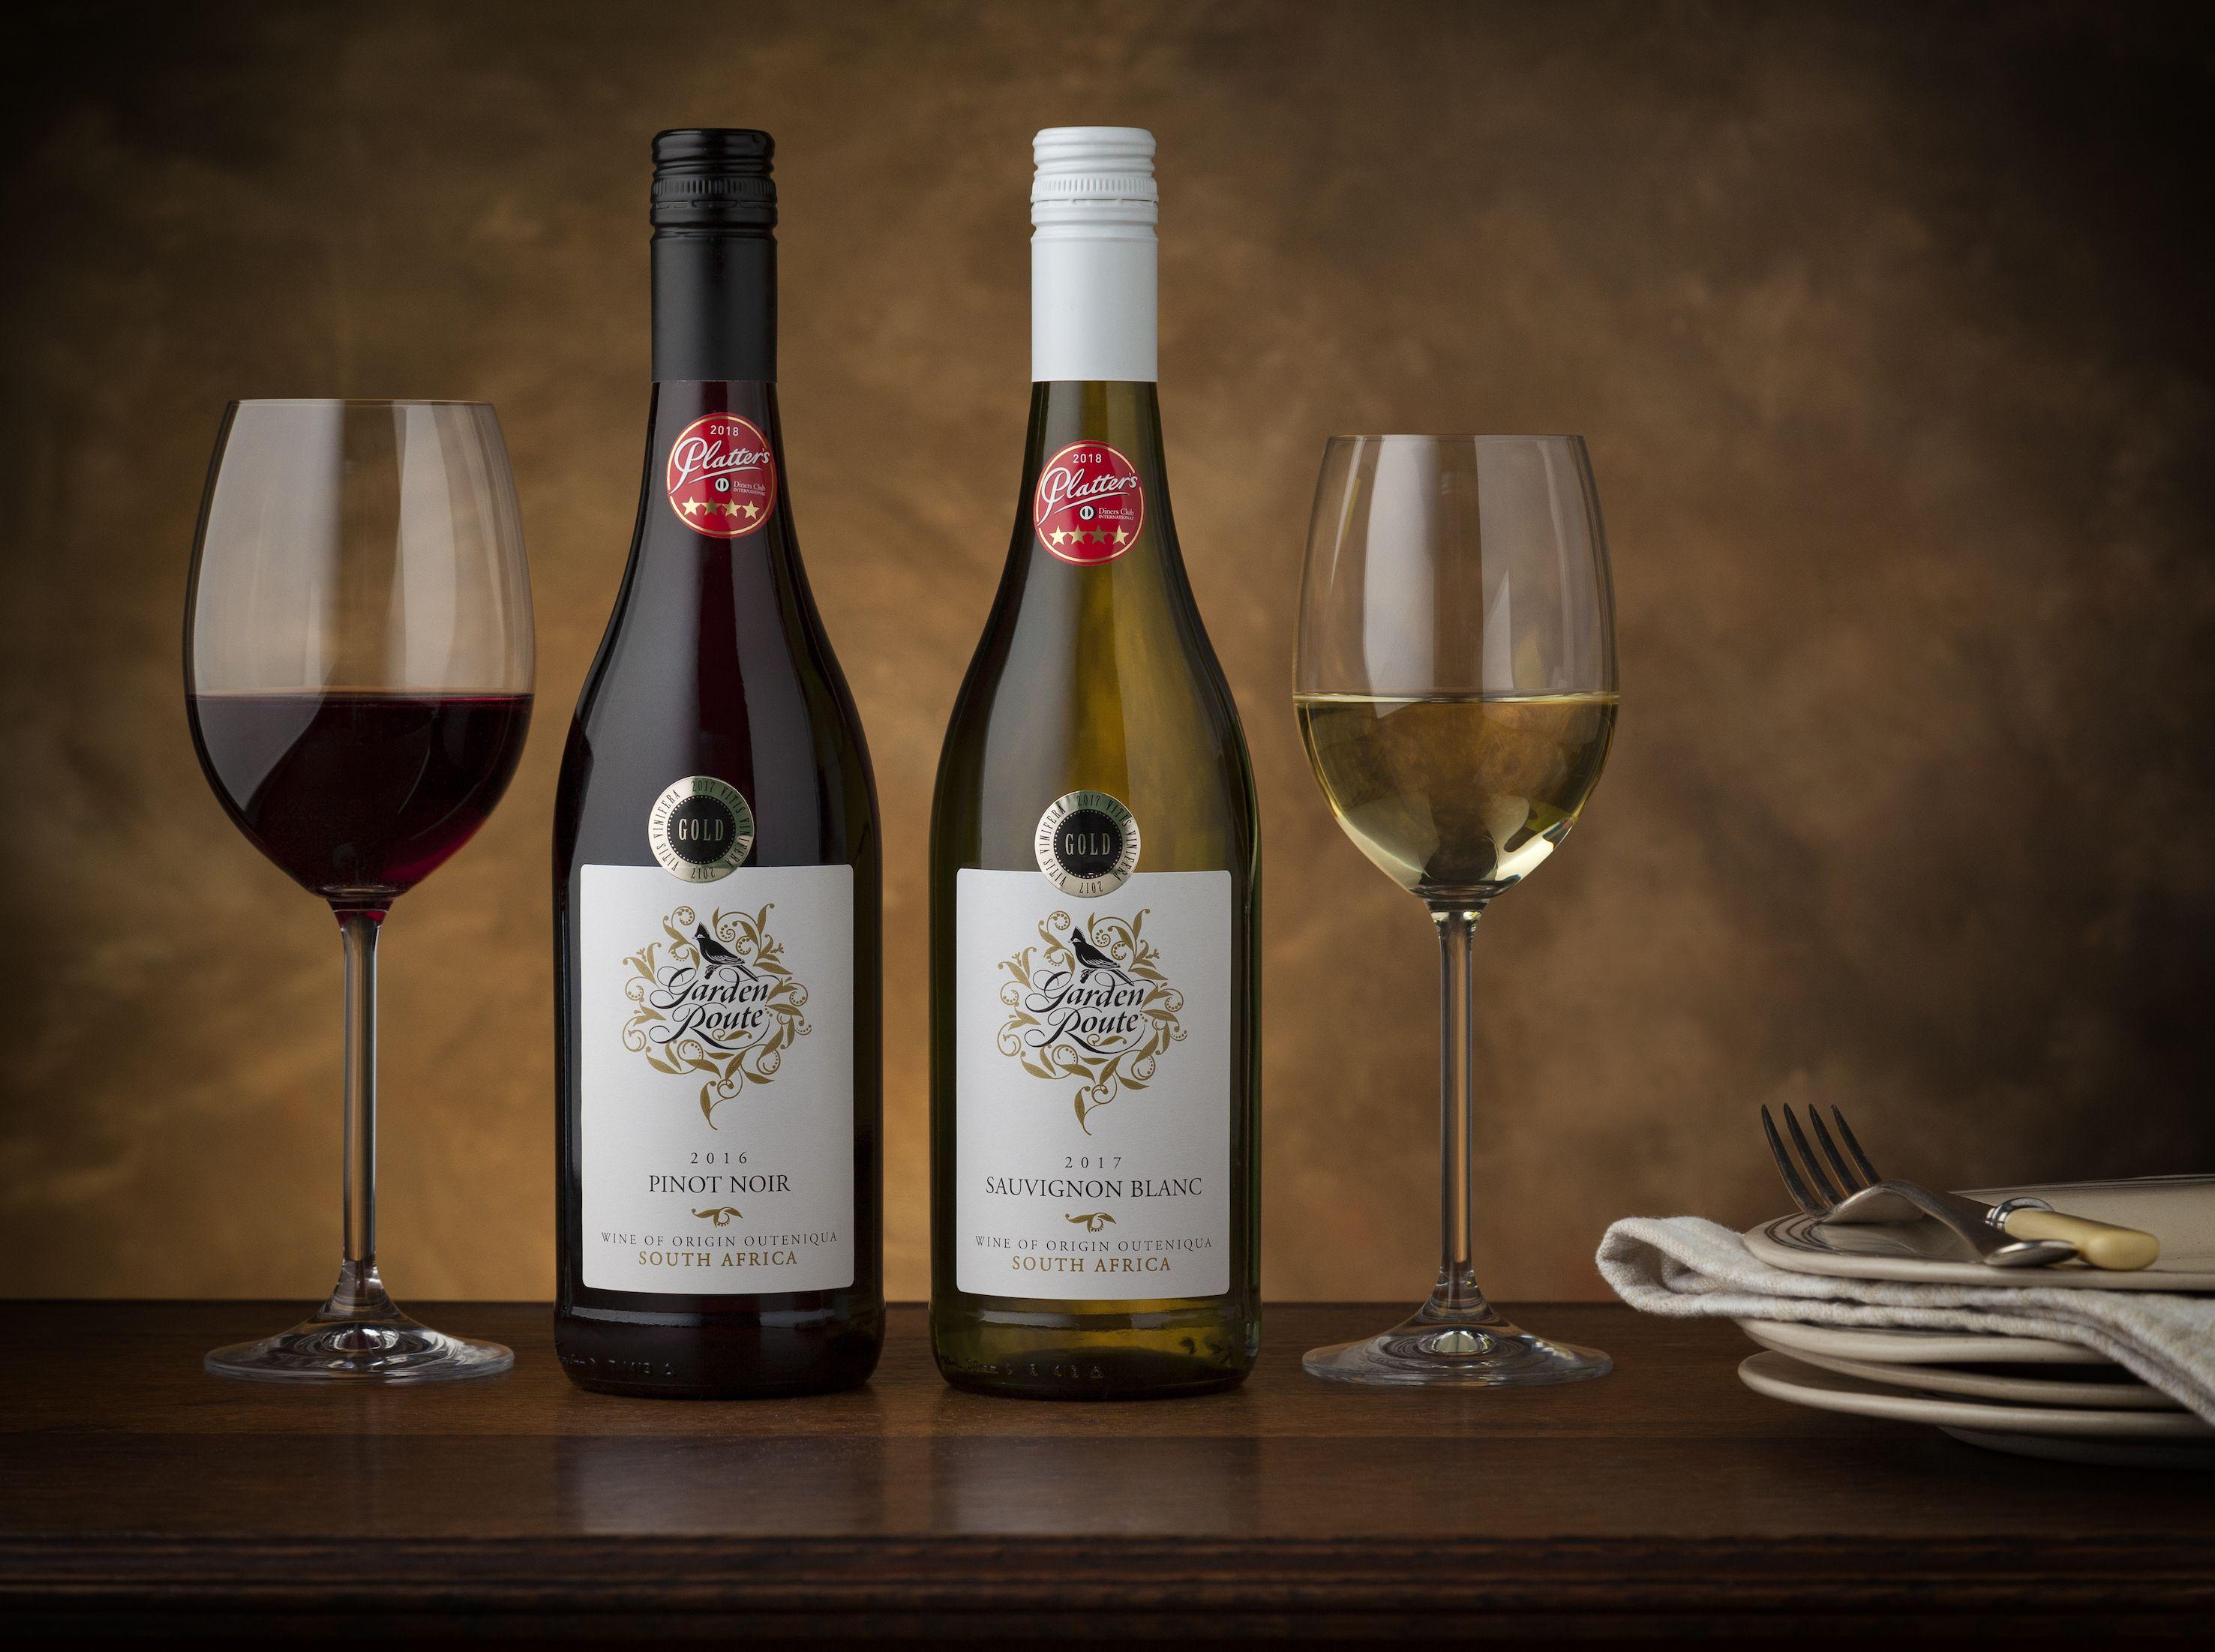 Garden Route: Sauvignon Blanc and Pinot Noir - Klein Karoo Wines